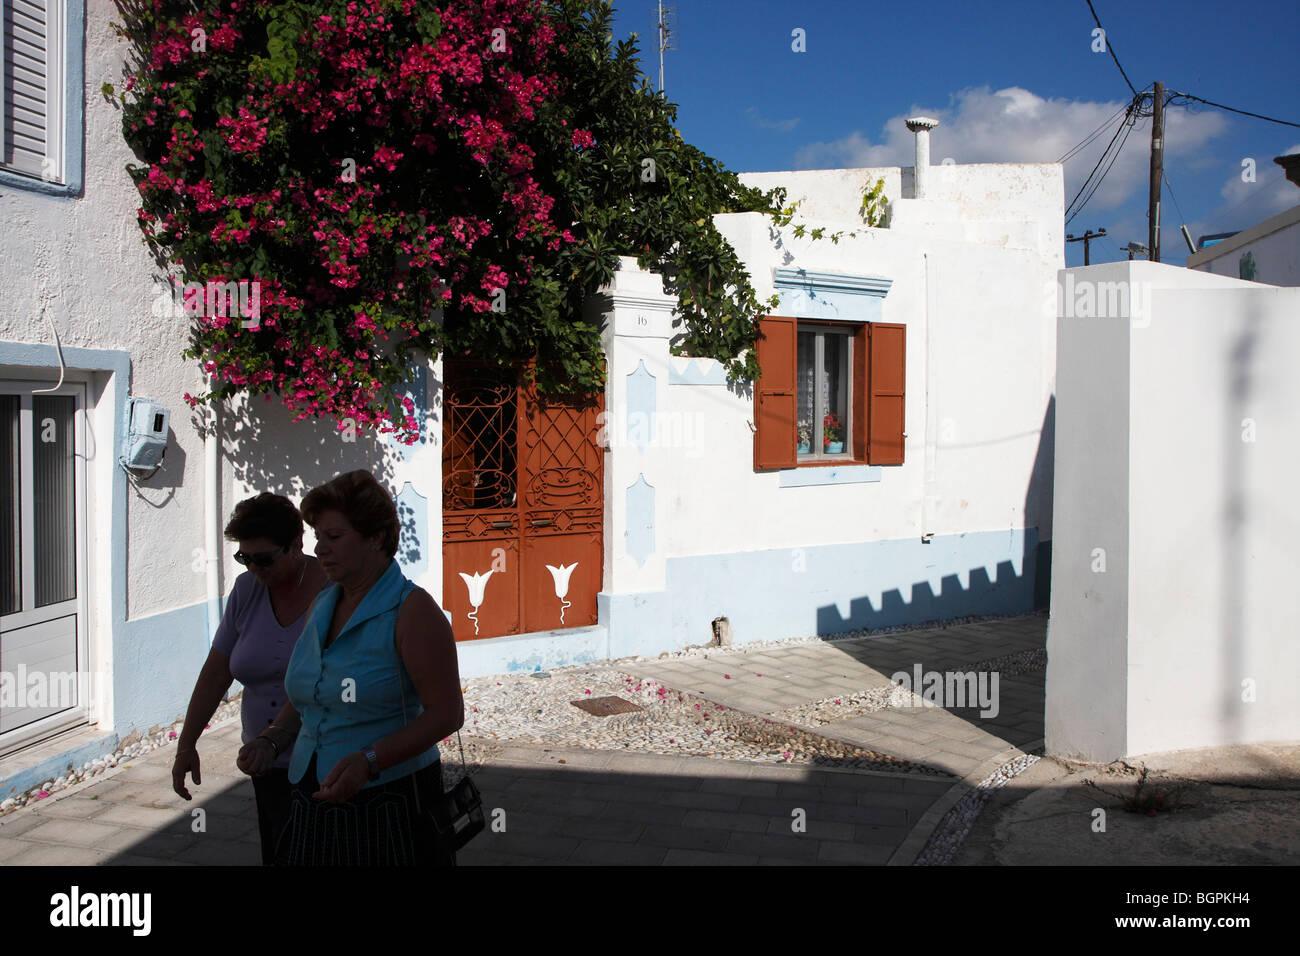 Reisen Rhodos, Griechenland / Reiseziel Rhodos, Griechenland Stockbild